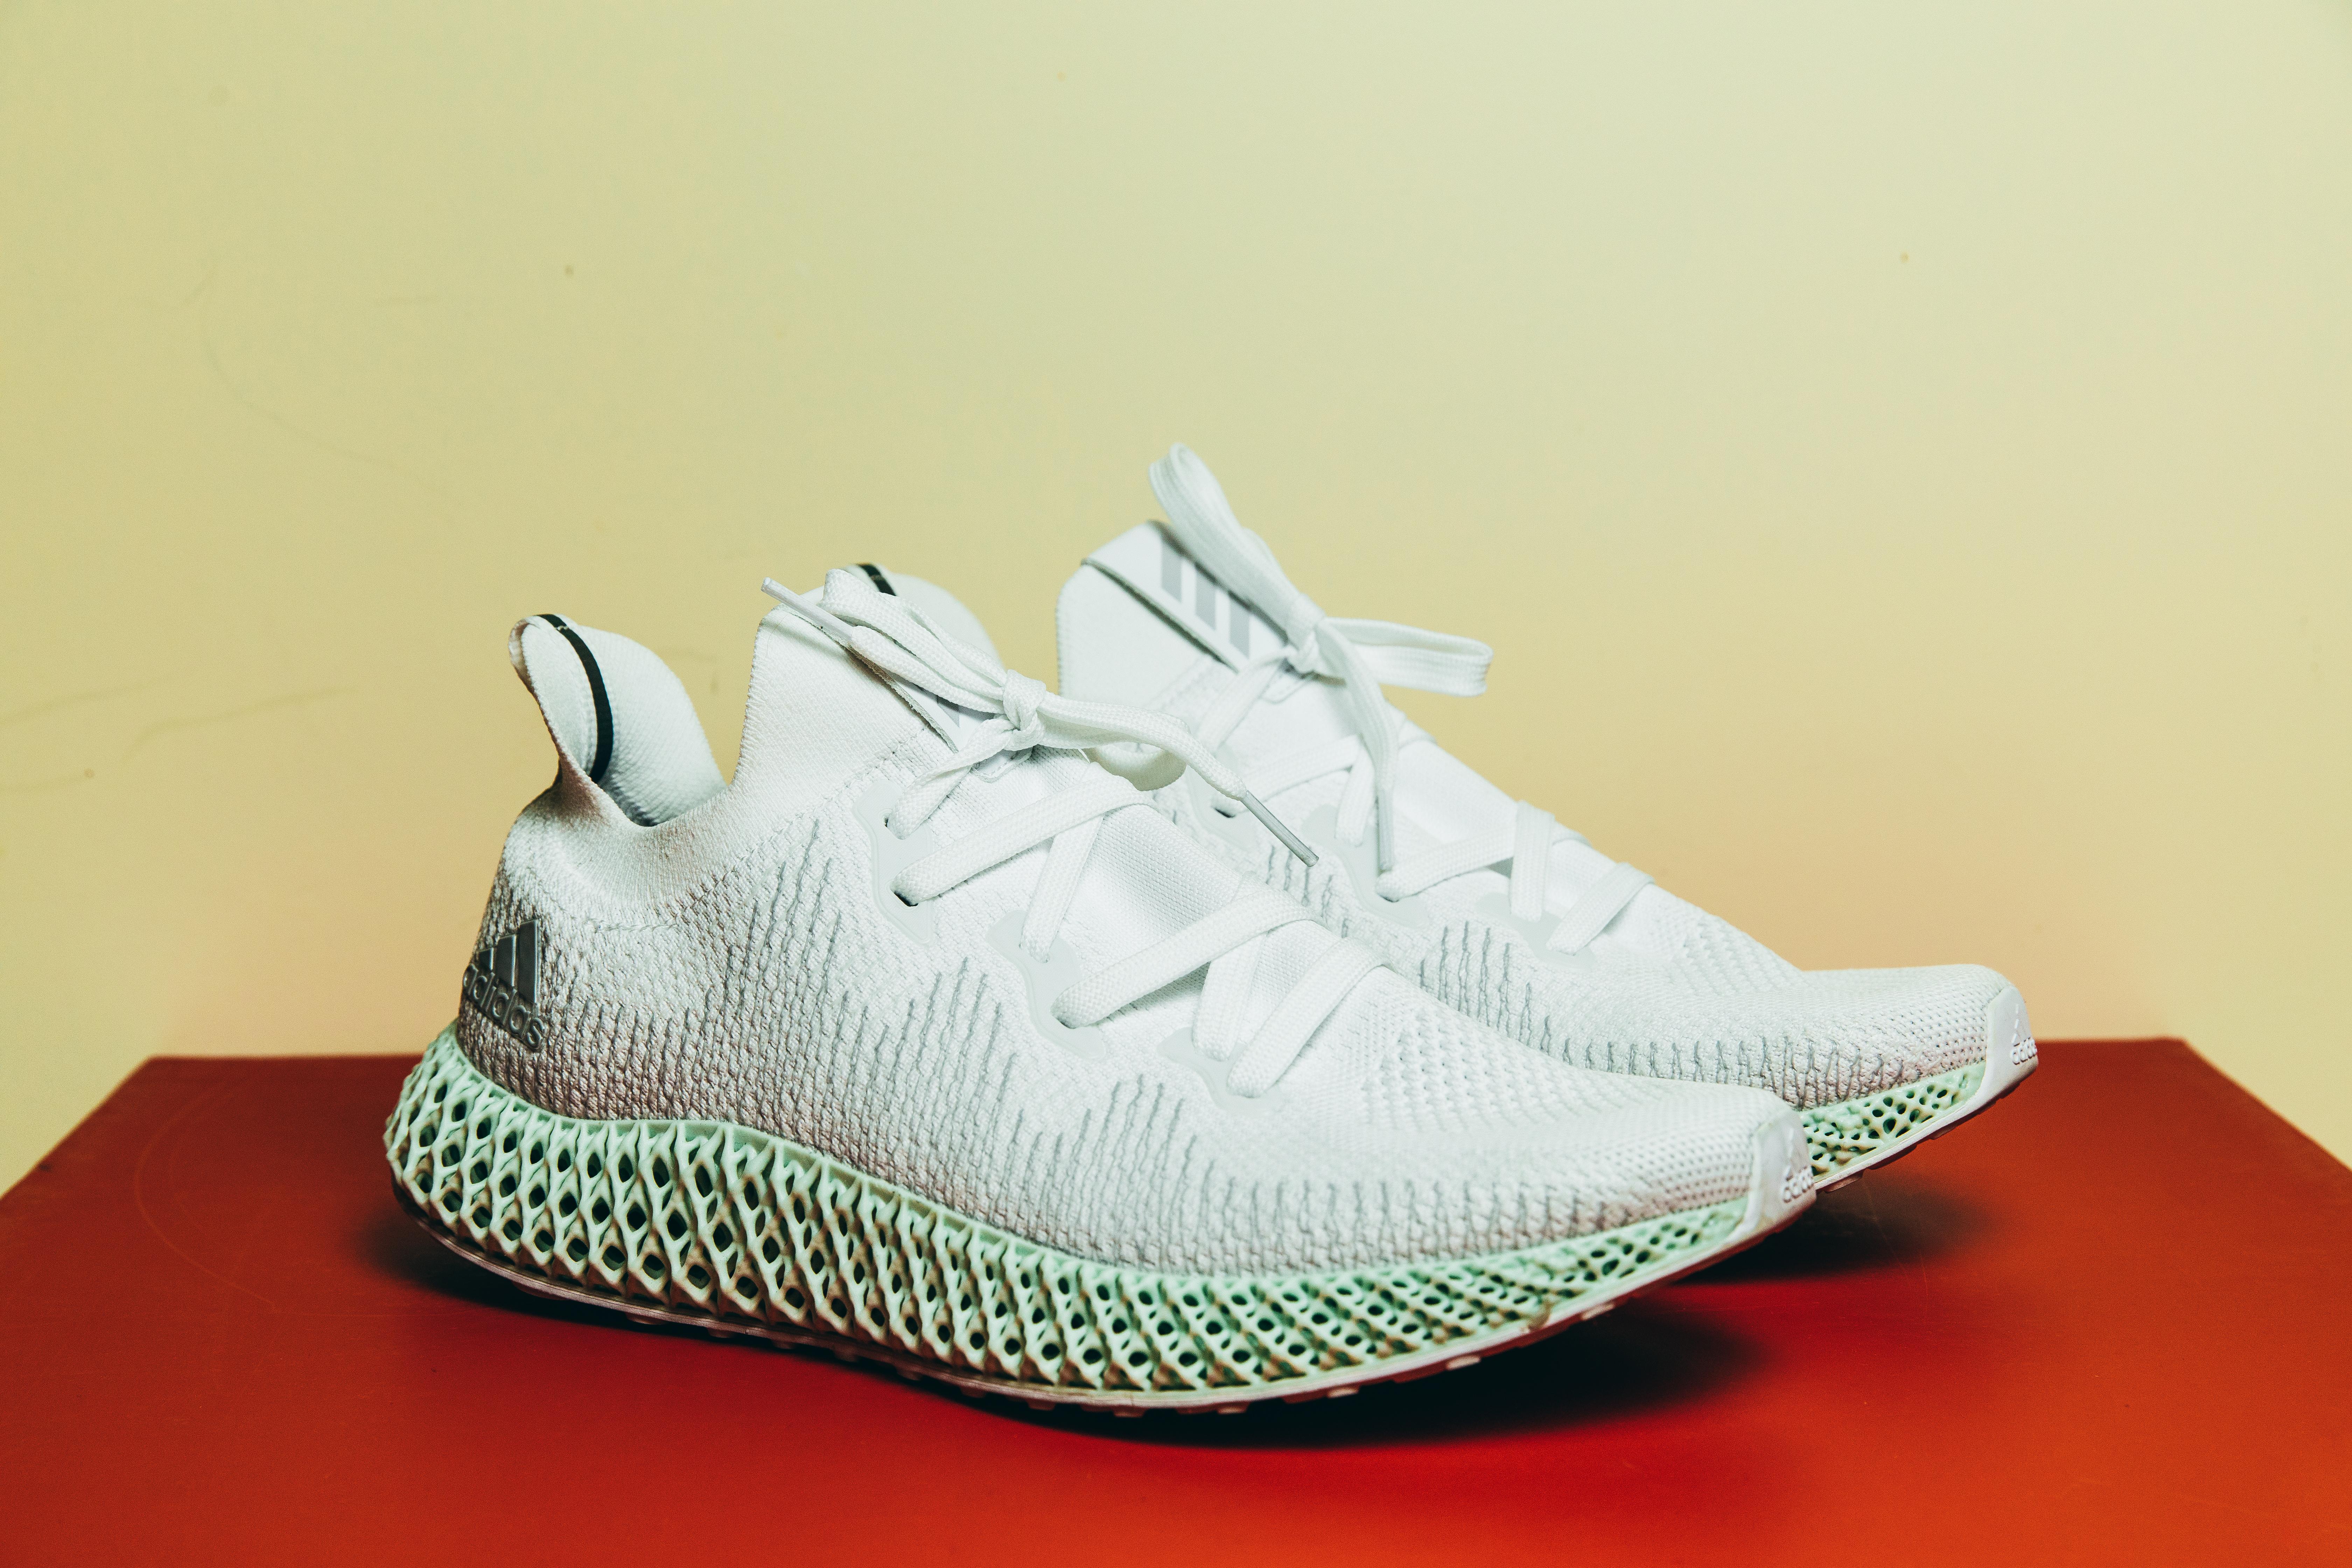 Sozio's Adidas Futurecraft 4D